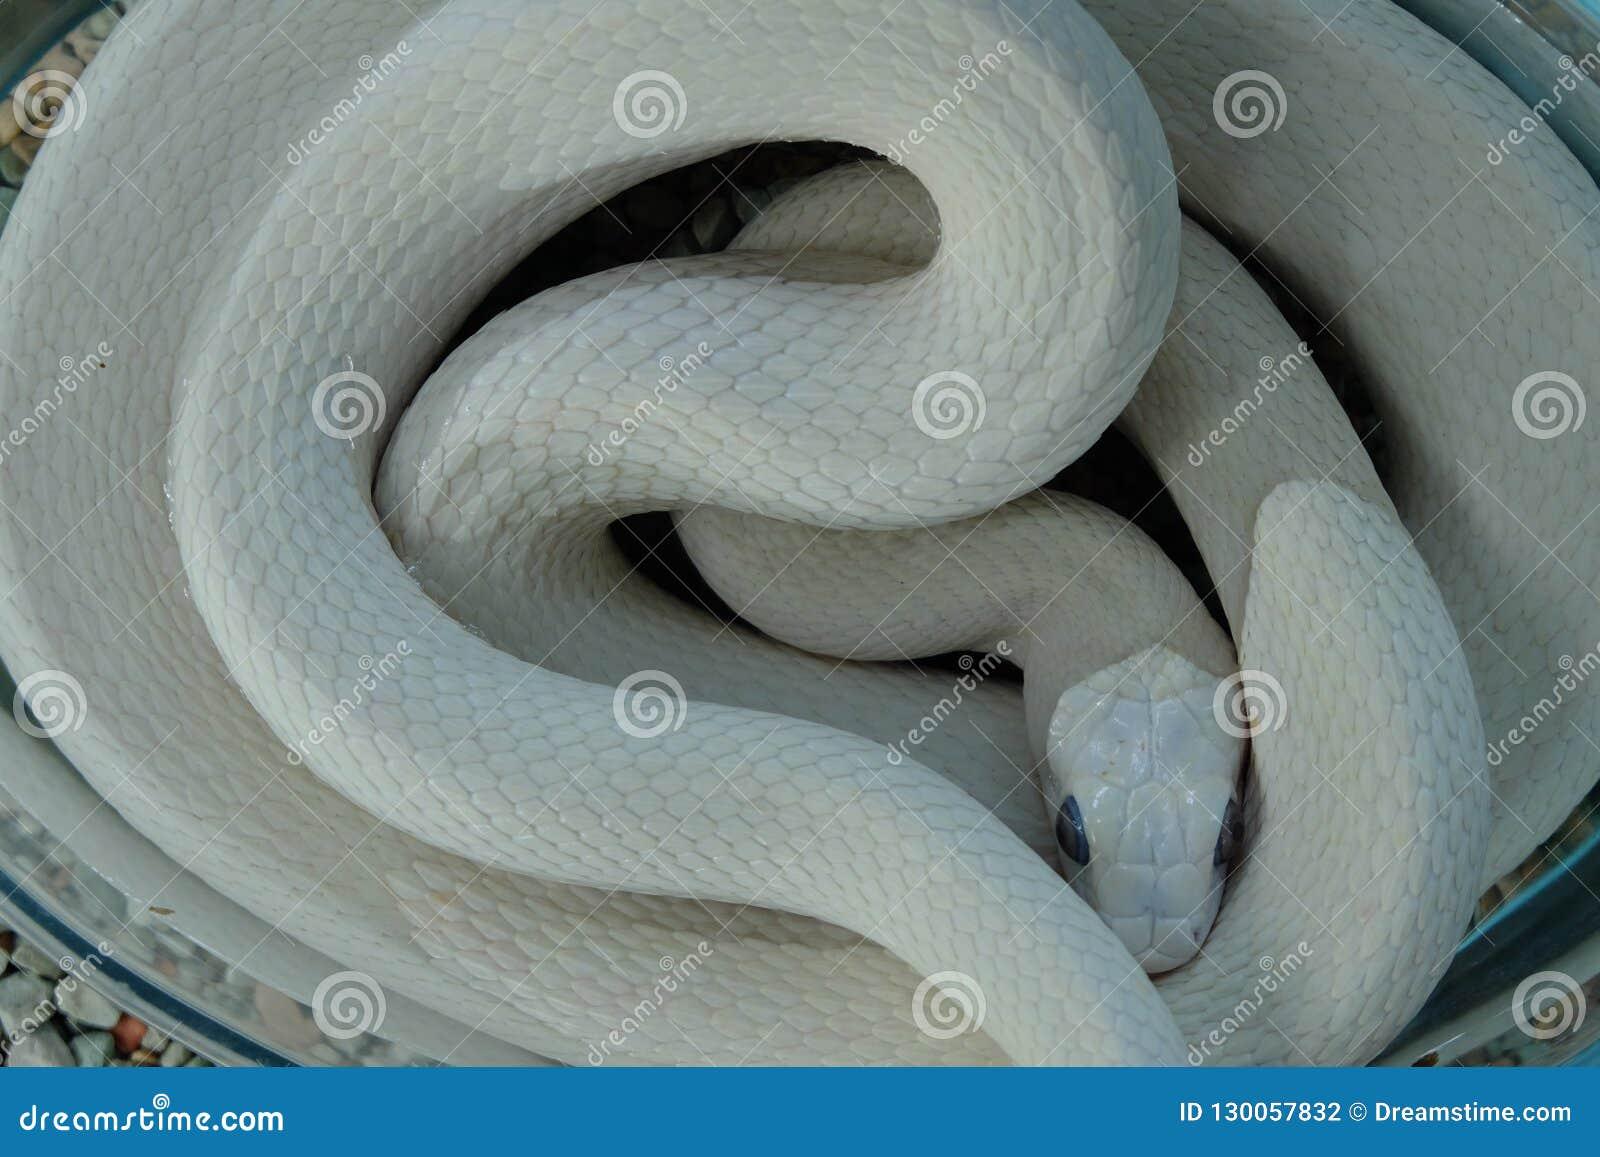 Rare Albino White Snake Hobby Stock Photo Image Of Snake White 130057832